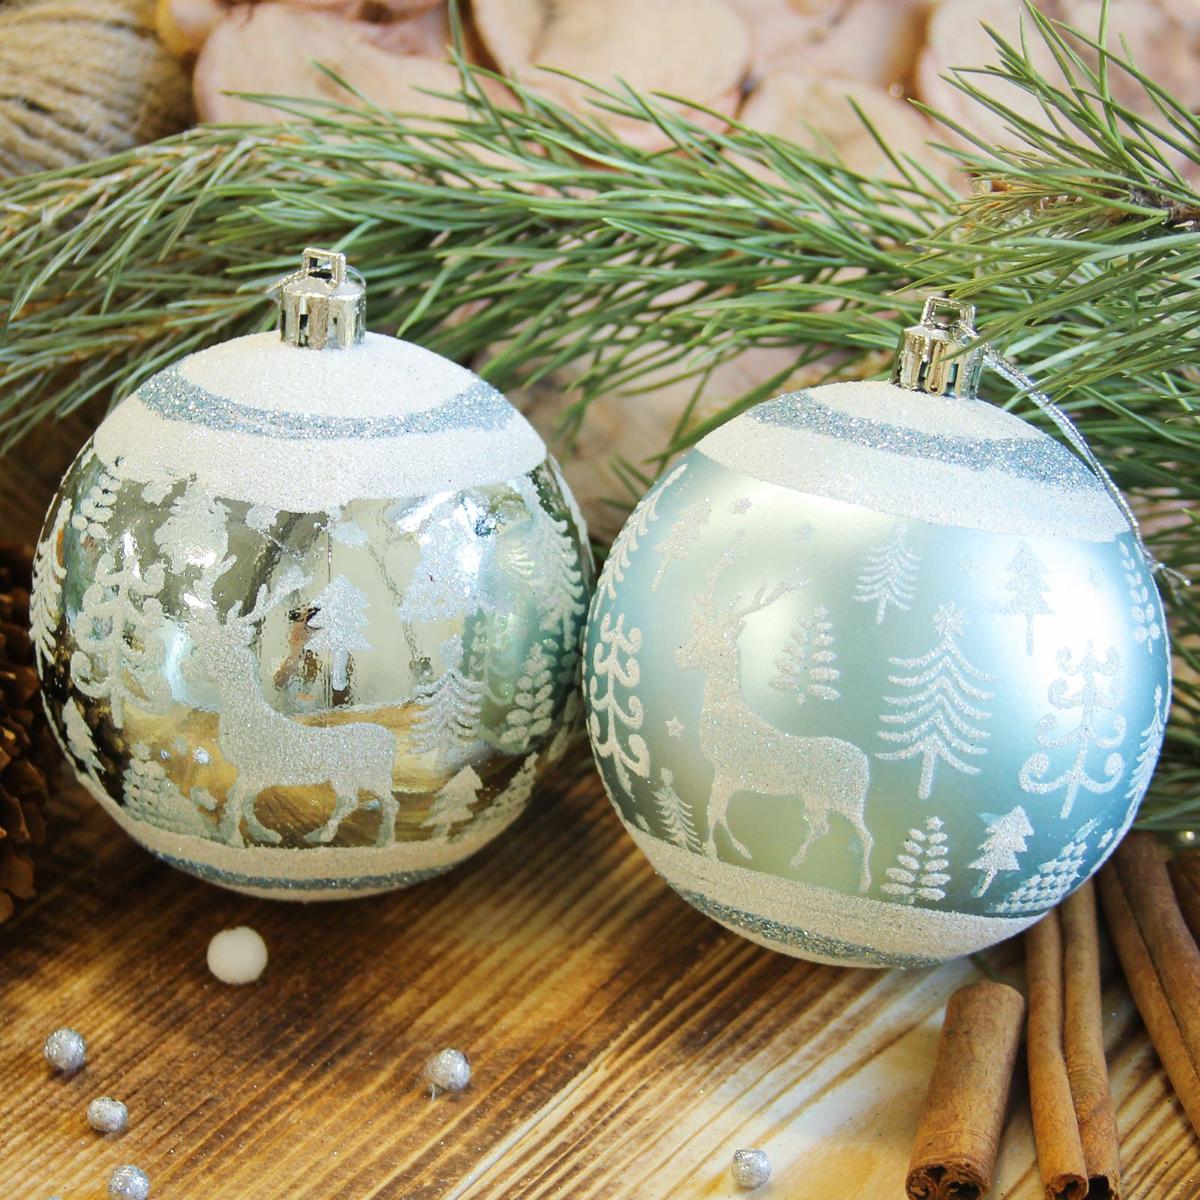 Набор новогодних подвесных украшений Sima-land Скандинавия, диаметр 8 см, 6 шт2122971Набор новогодних подвесных украшений Sima-land отлично подойдет для декорации вашего дома и новогодней ели. С помощью специальной петельки украшение можно повесить в любом понравившемся вам месте. Но, конечно, удачнее всего оно будет смотреться на праздничной елке. Елочная игрушка - символ Нового года. Она несет в себе волшебство и красоту праздника. Создайте в своем доме атмосферу веселья и радости, украшая новогоднюю елку нарядными игрушками, которые будут из года в год накапливать теплоту воспоминаний.